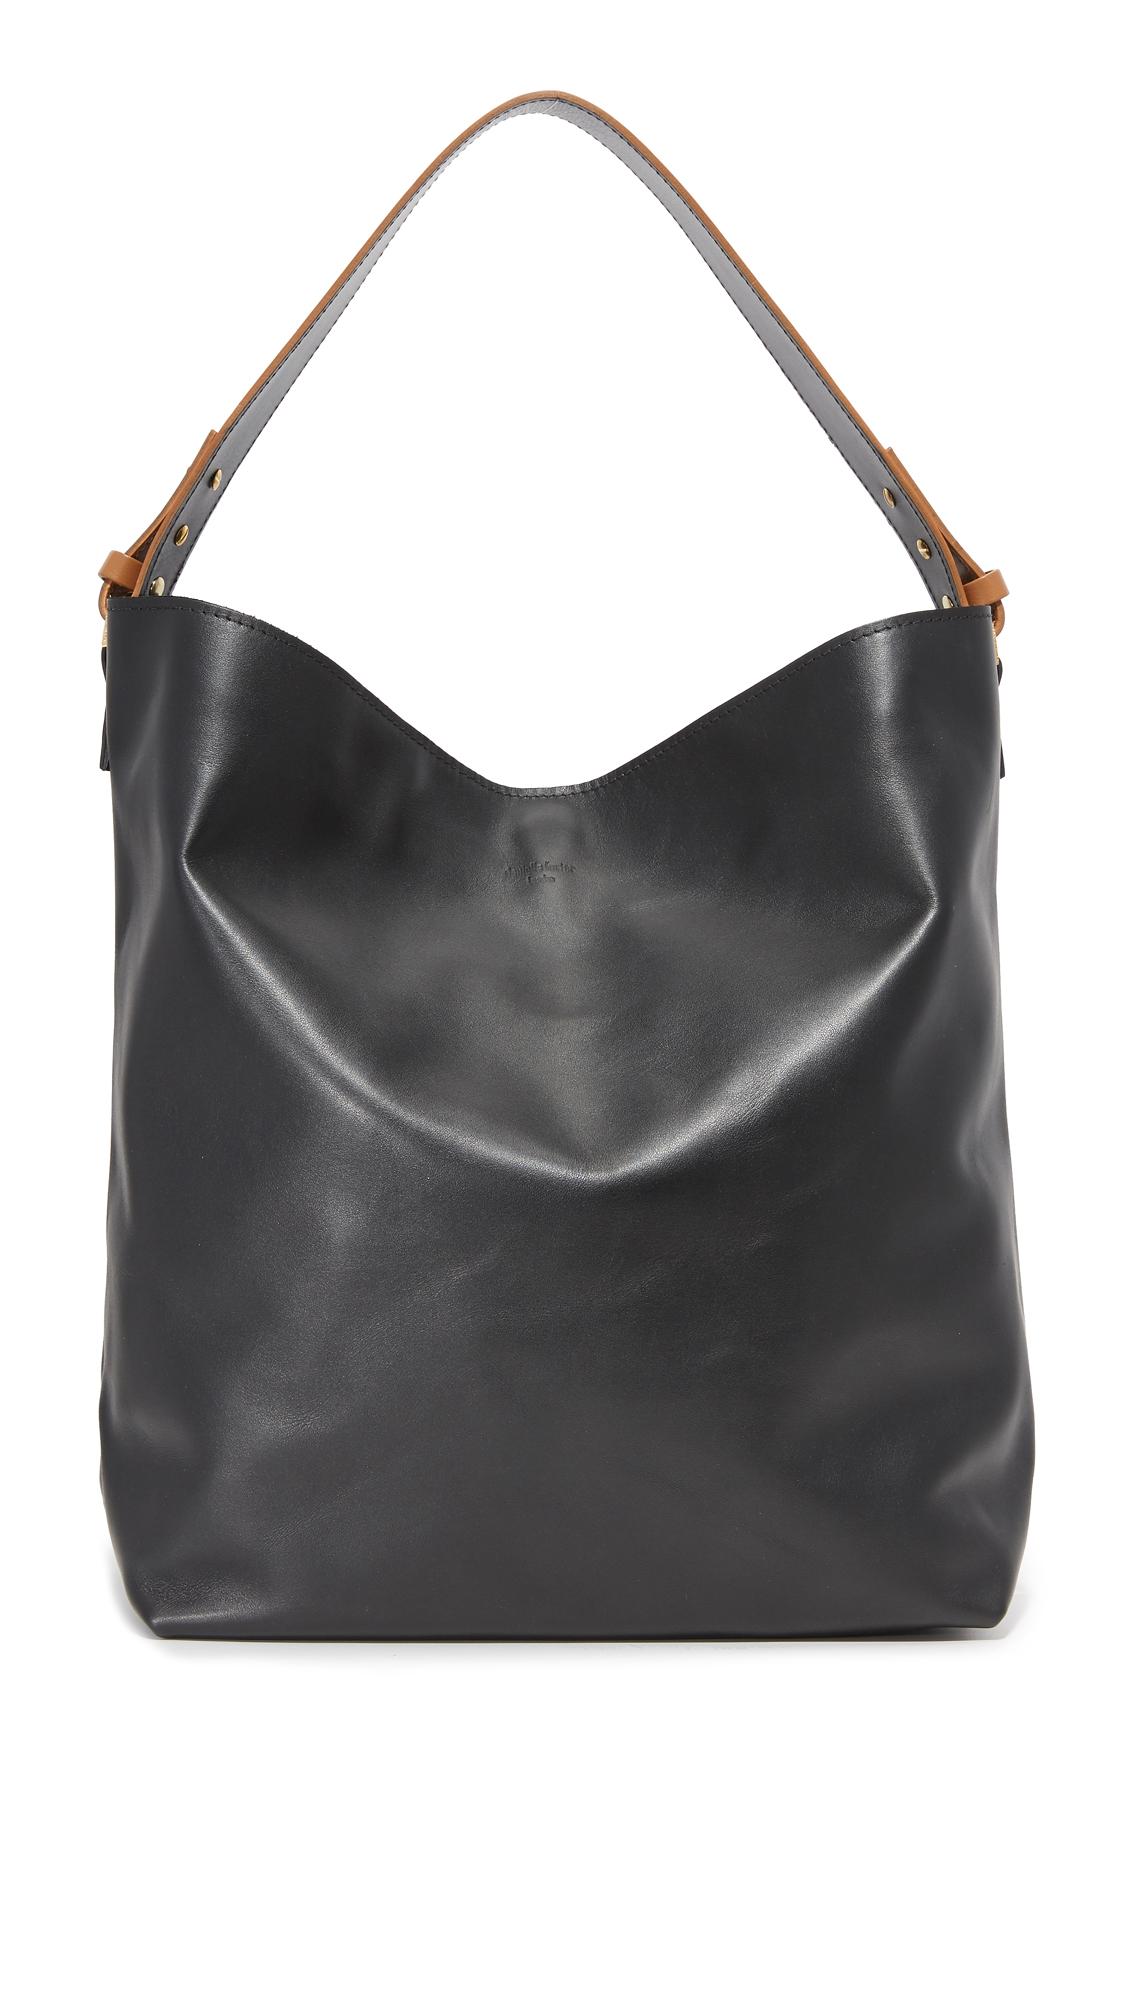 danielle foster female 188971 danielle foster kit hobo bag black